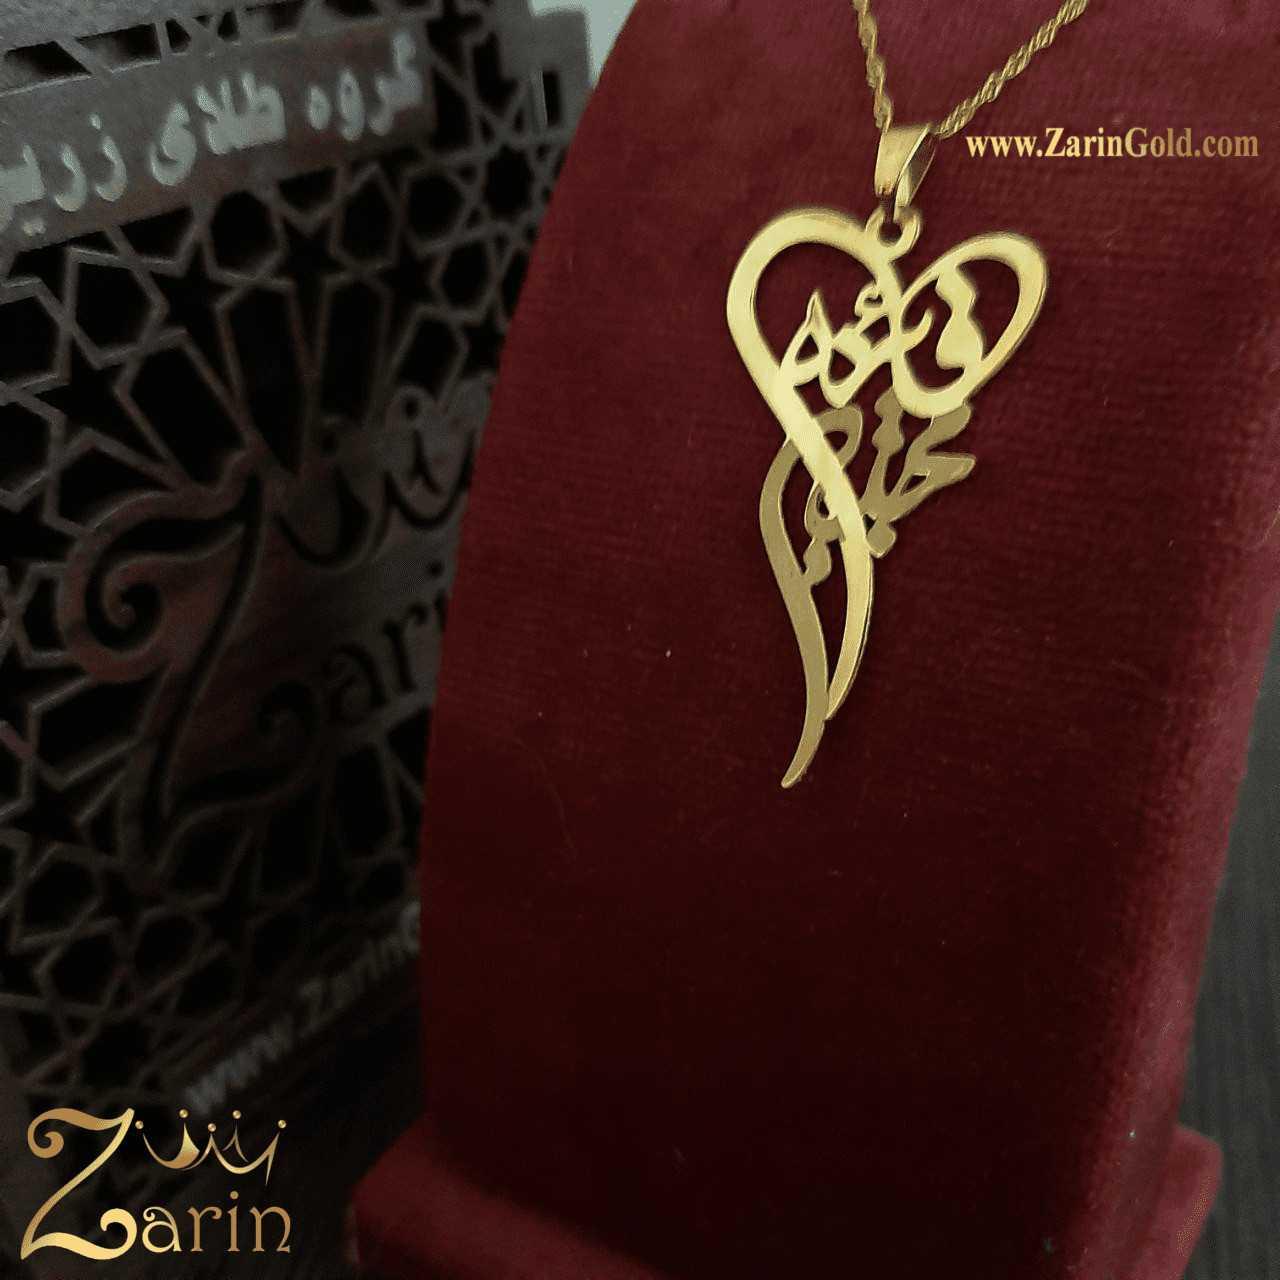 گردنبند طلا دو اسم فائزه مجتبی